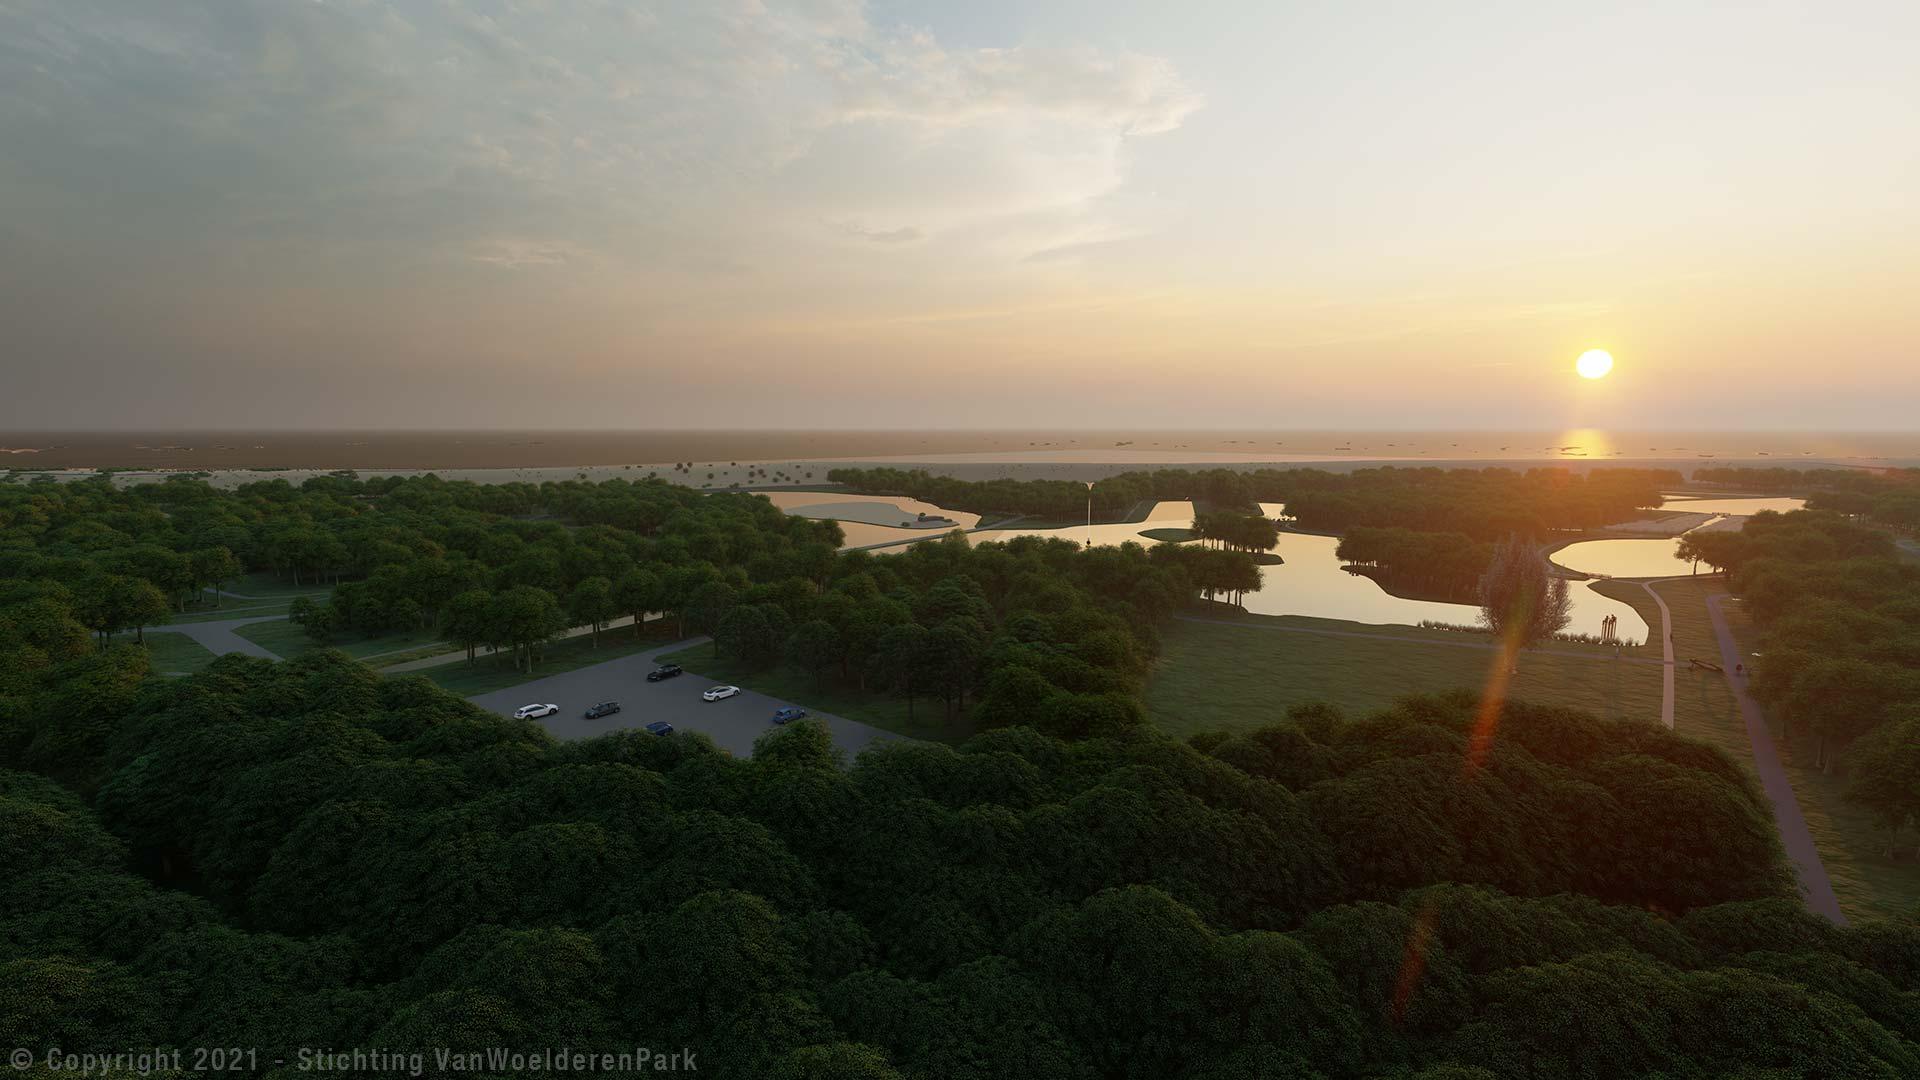 streefbeeld-stichting-van-woelderen-park-2021-bird's-eye-view